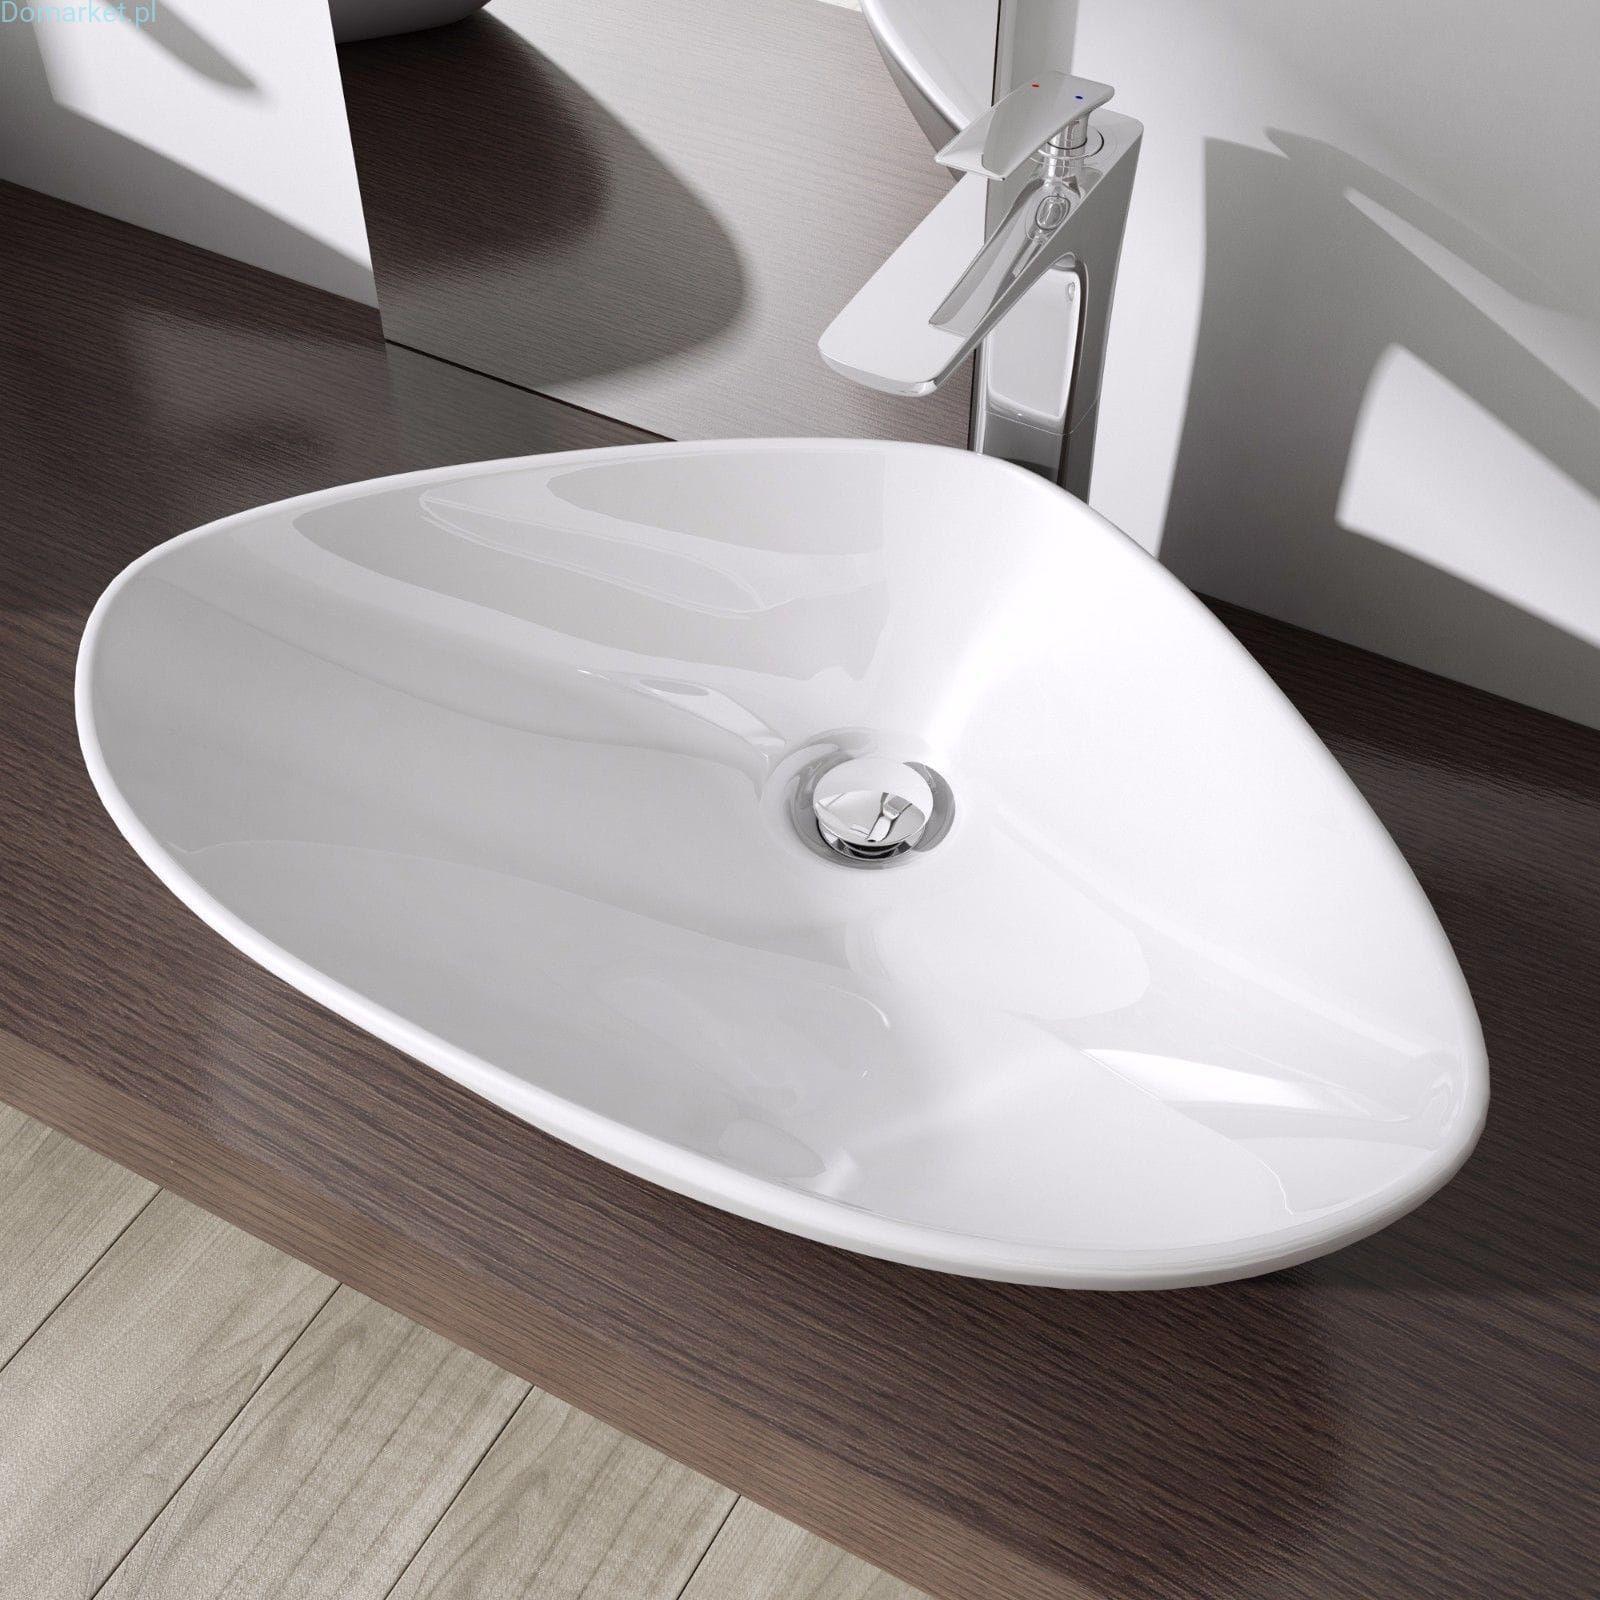 Umywalka C215 Nablatowa Ceramiczna 60cm